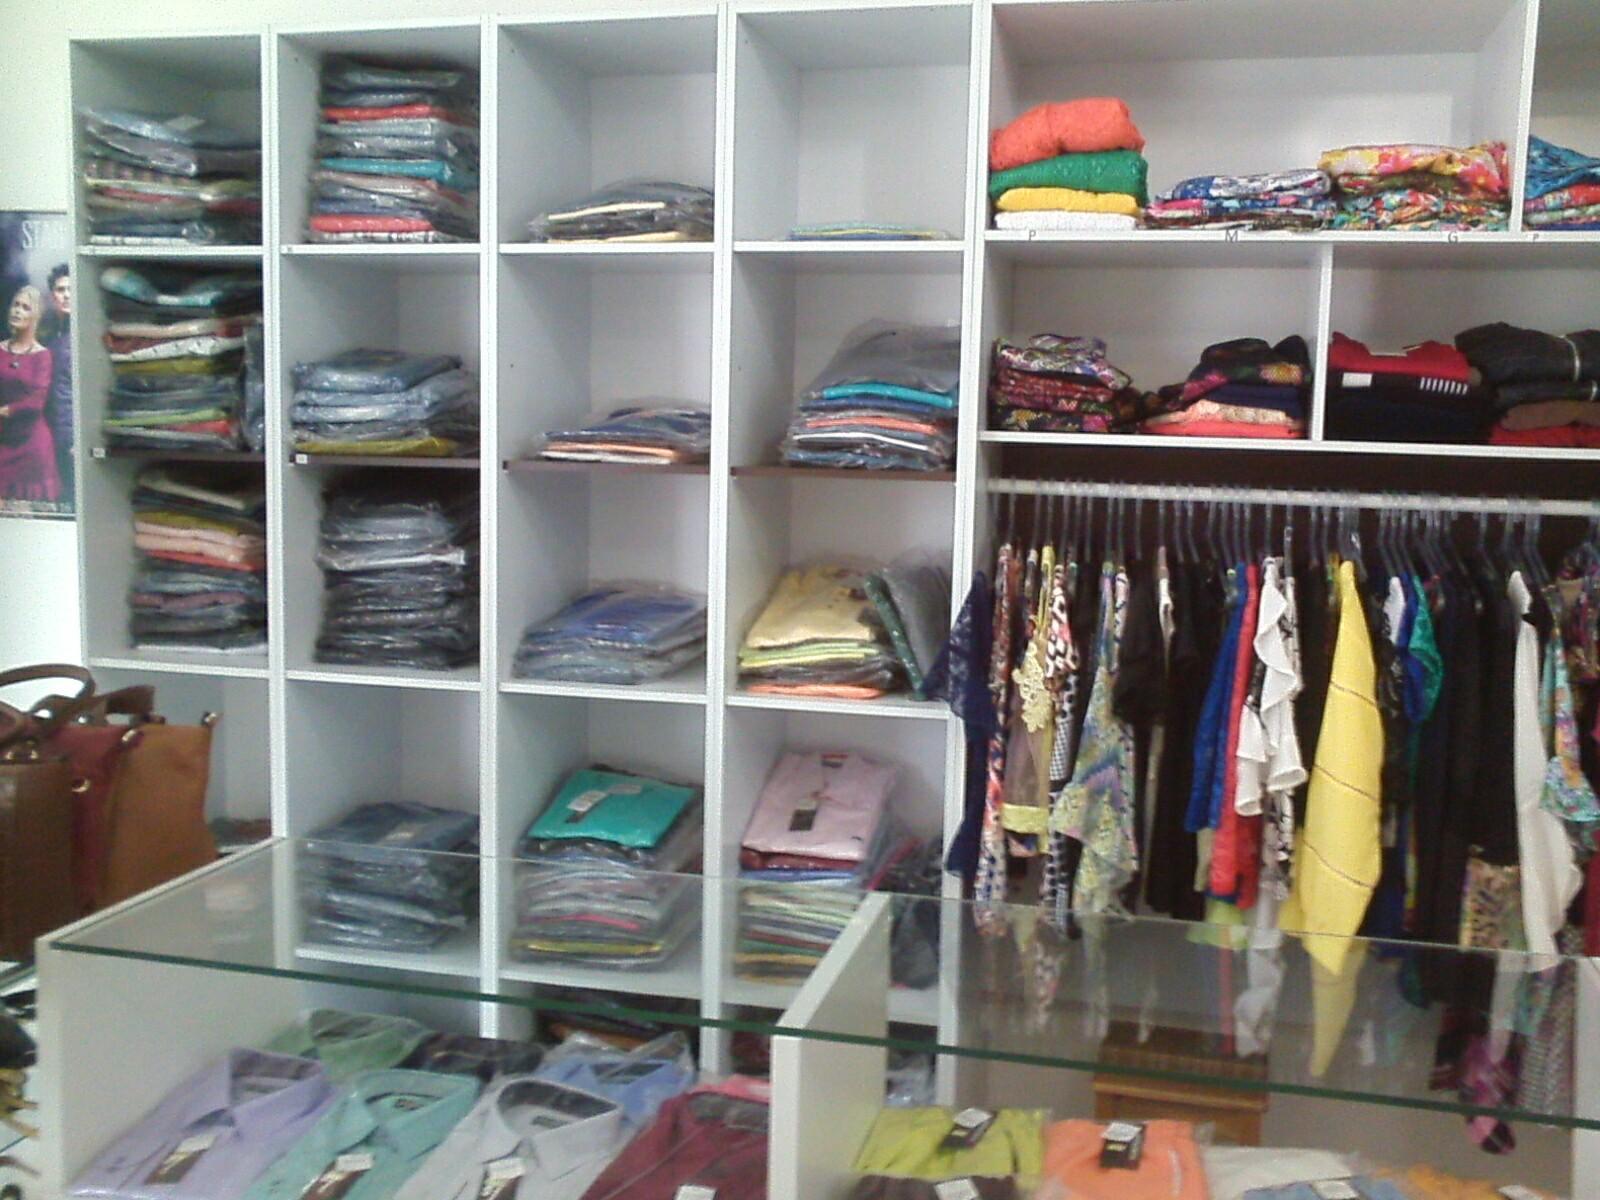 775632bb7bb Na Loja Criativa você encontra roupas masculinas e femininas de diversas  marcas